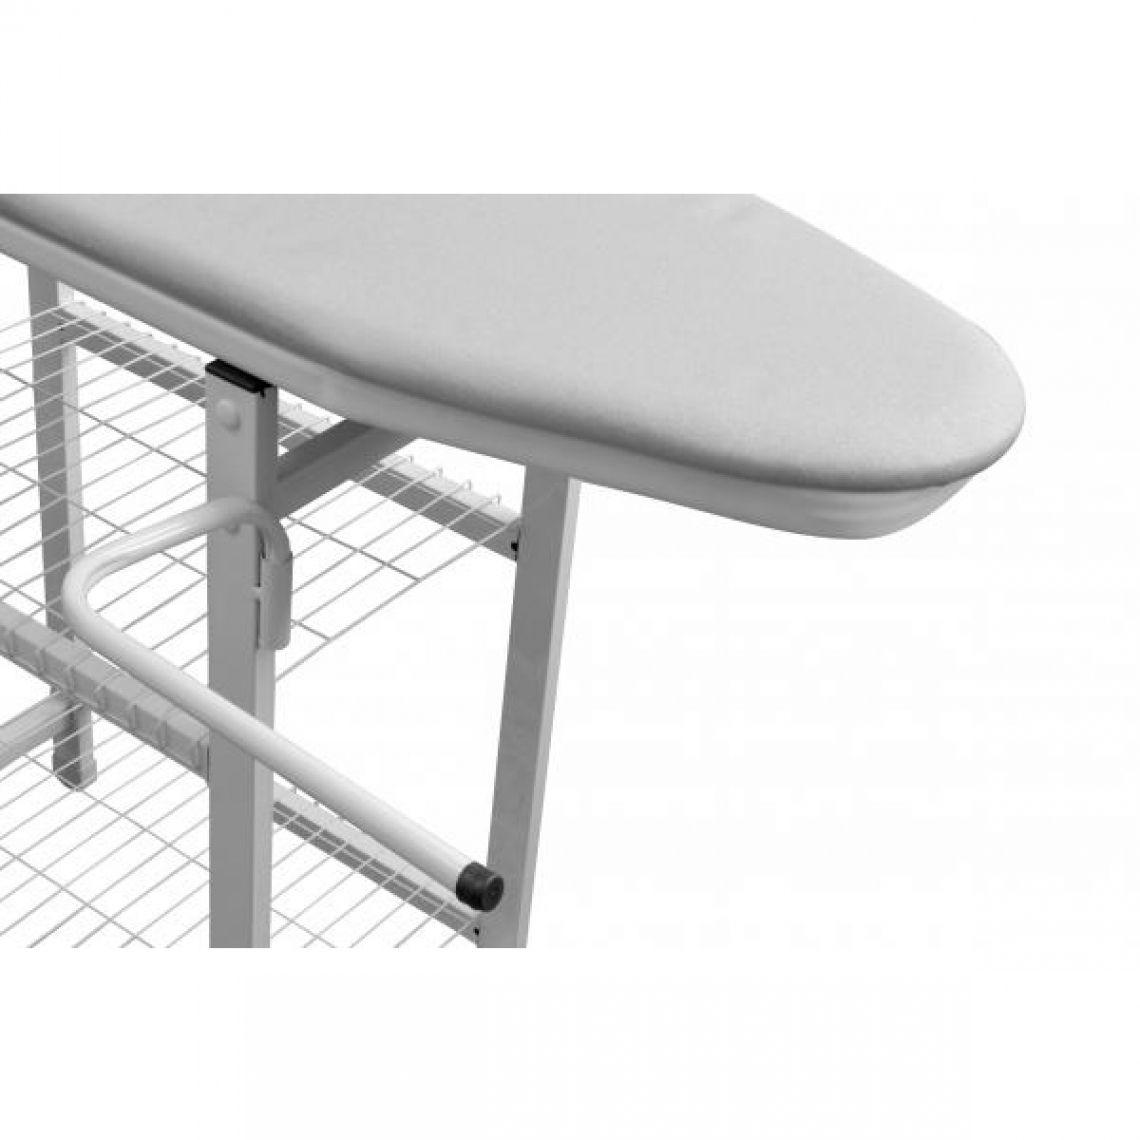 Mesa de Passar Roupas com prateleiras, cabides, passa mangas e apoio para ferro de passar.